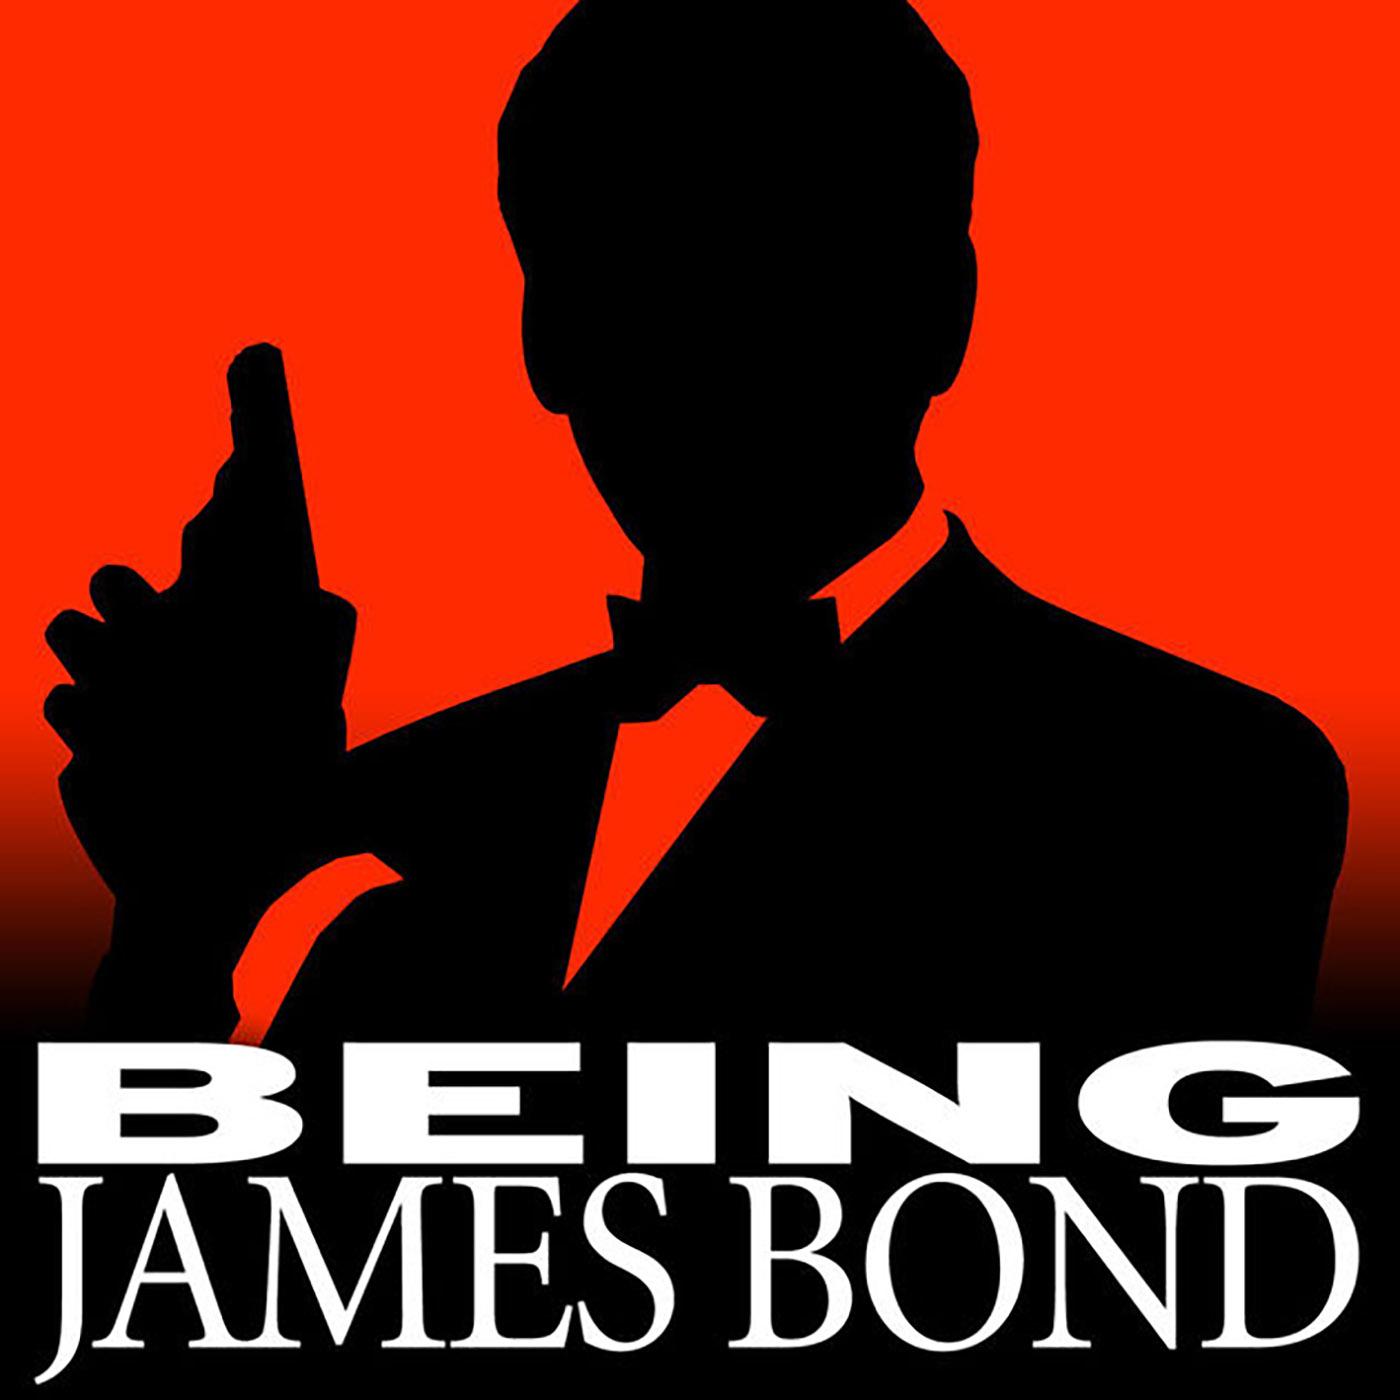 Episode 229 - BeingJamesBond.com gets a makeover!